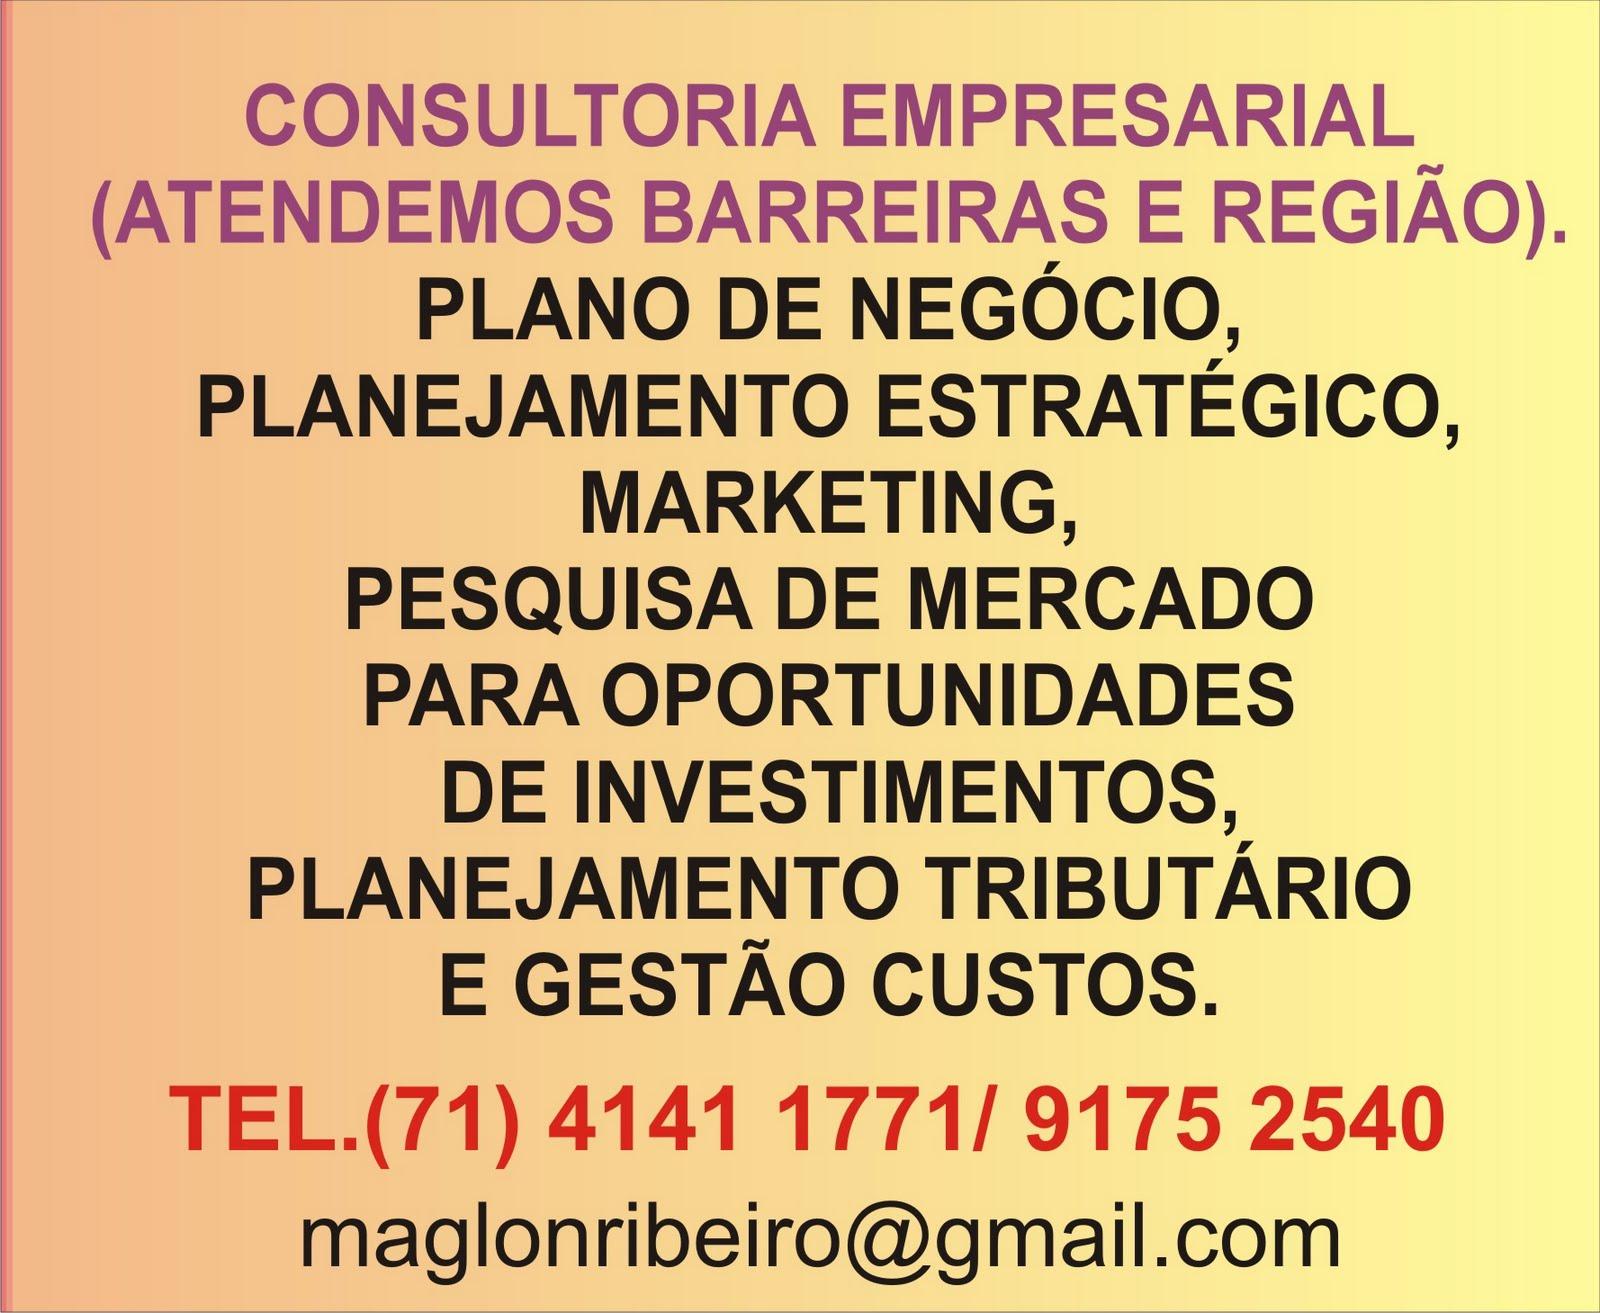 http://3.bp.blogspot.com/-WgTEIUYdGaI/TqfjDK-99OI/AAAAAAAAJR4/7QZDyPRzgJ8/s1600/banner.jpg